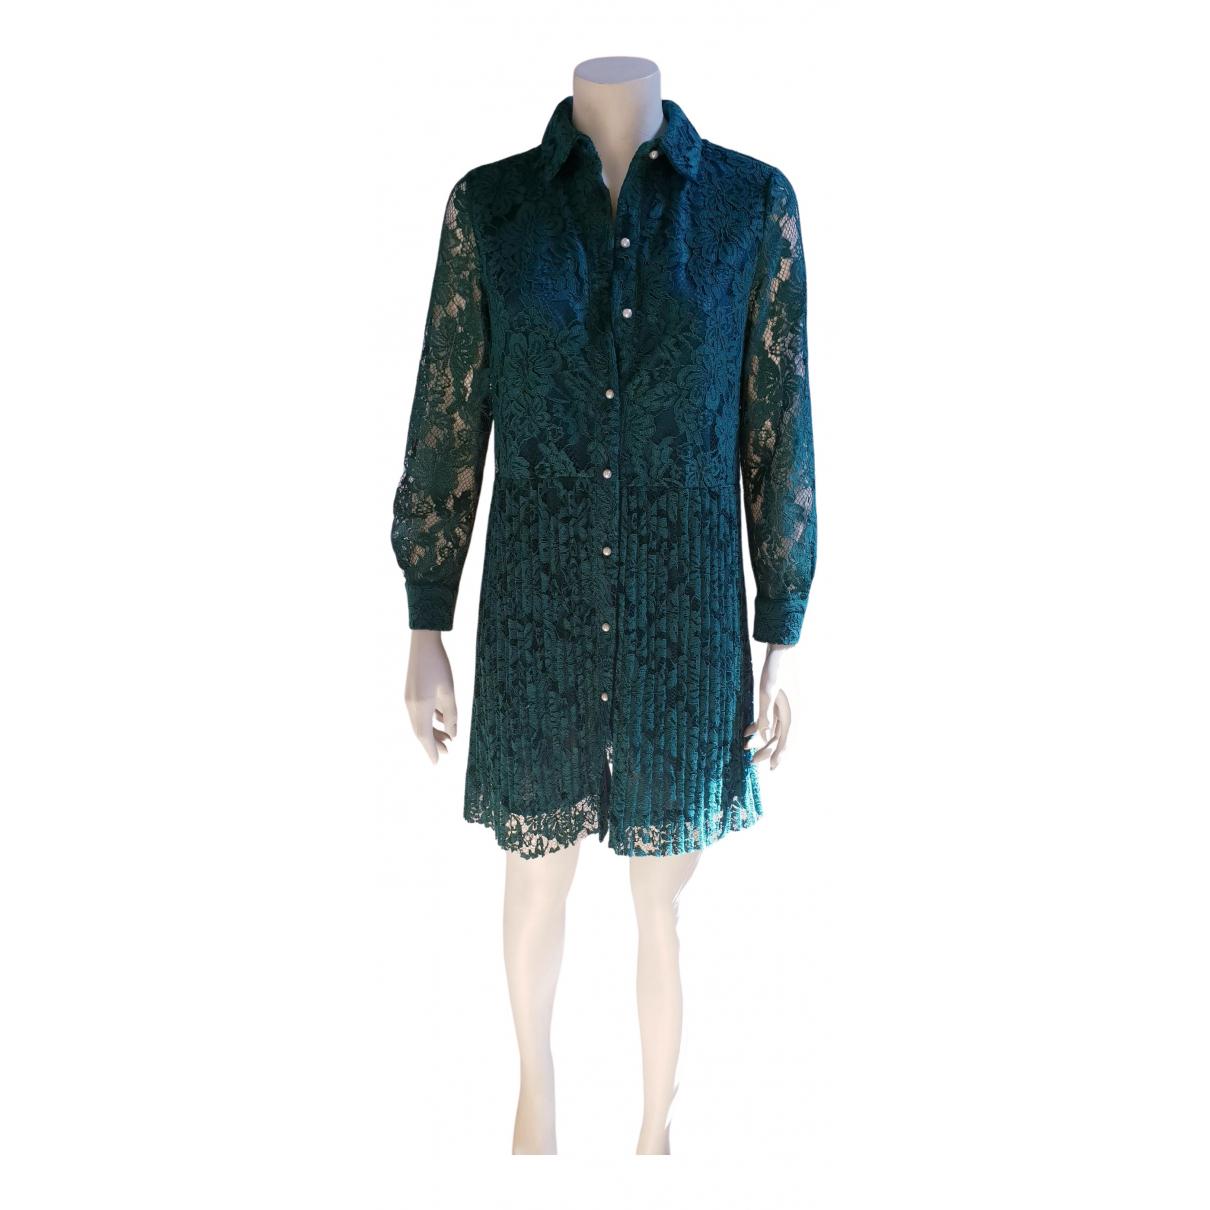 Zara - Robe   pour femme en dentelle - vert